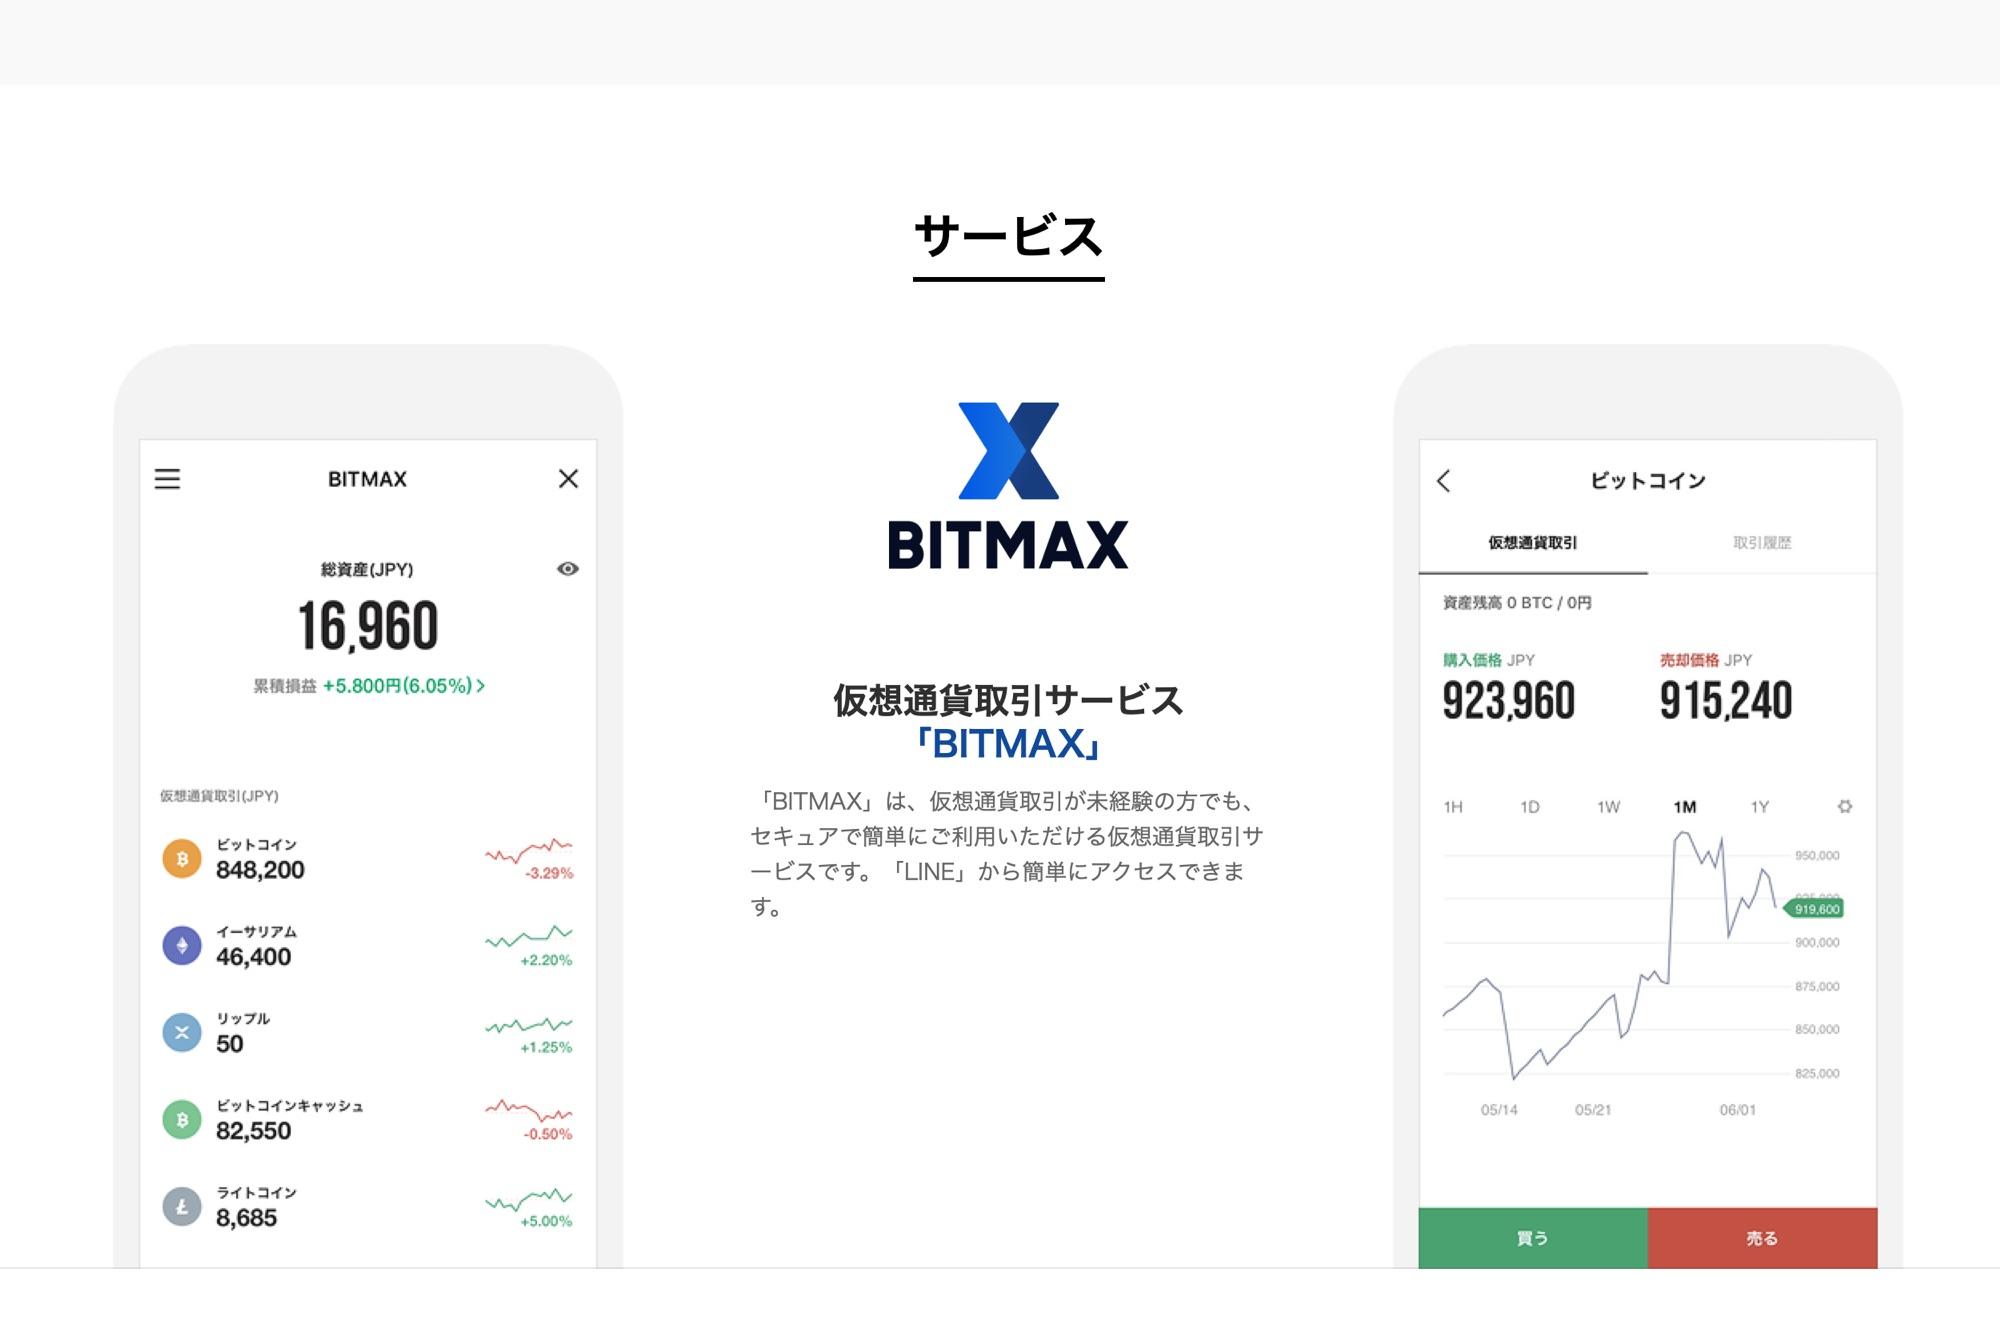 仮想通貨取引所・販売所のBITMAX